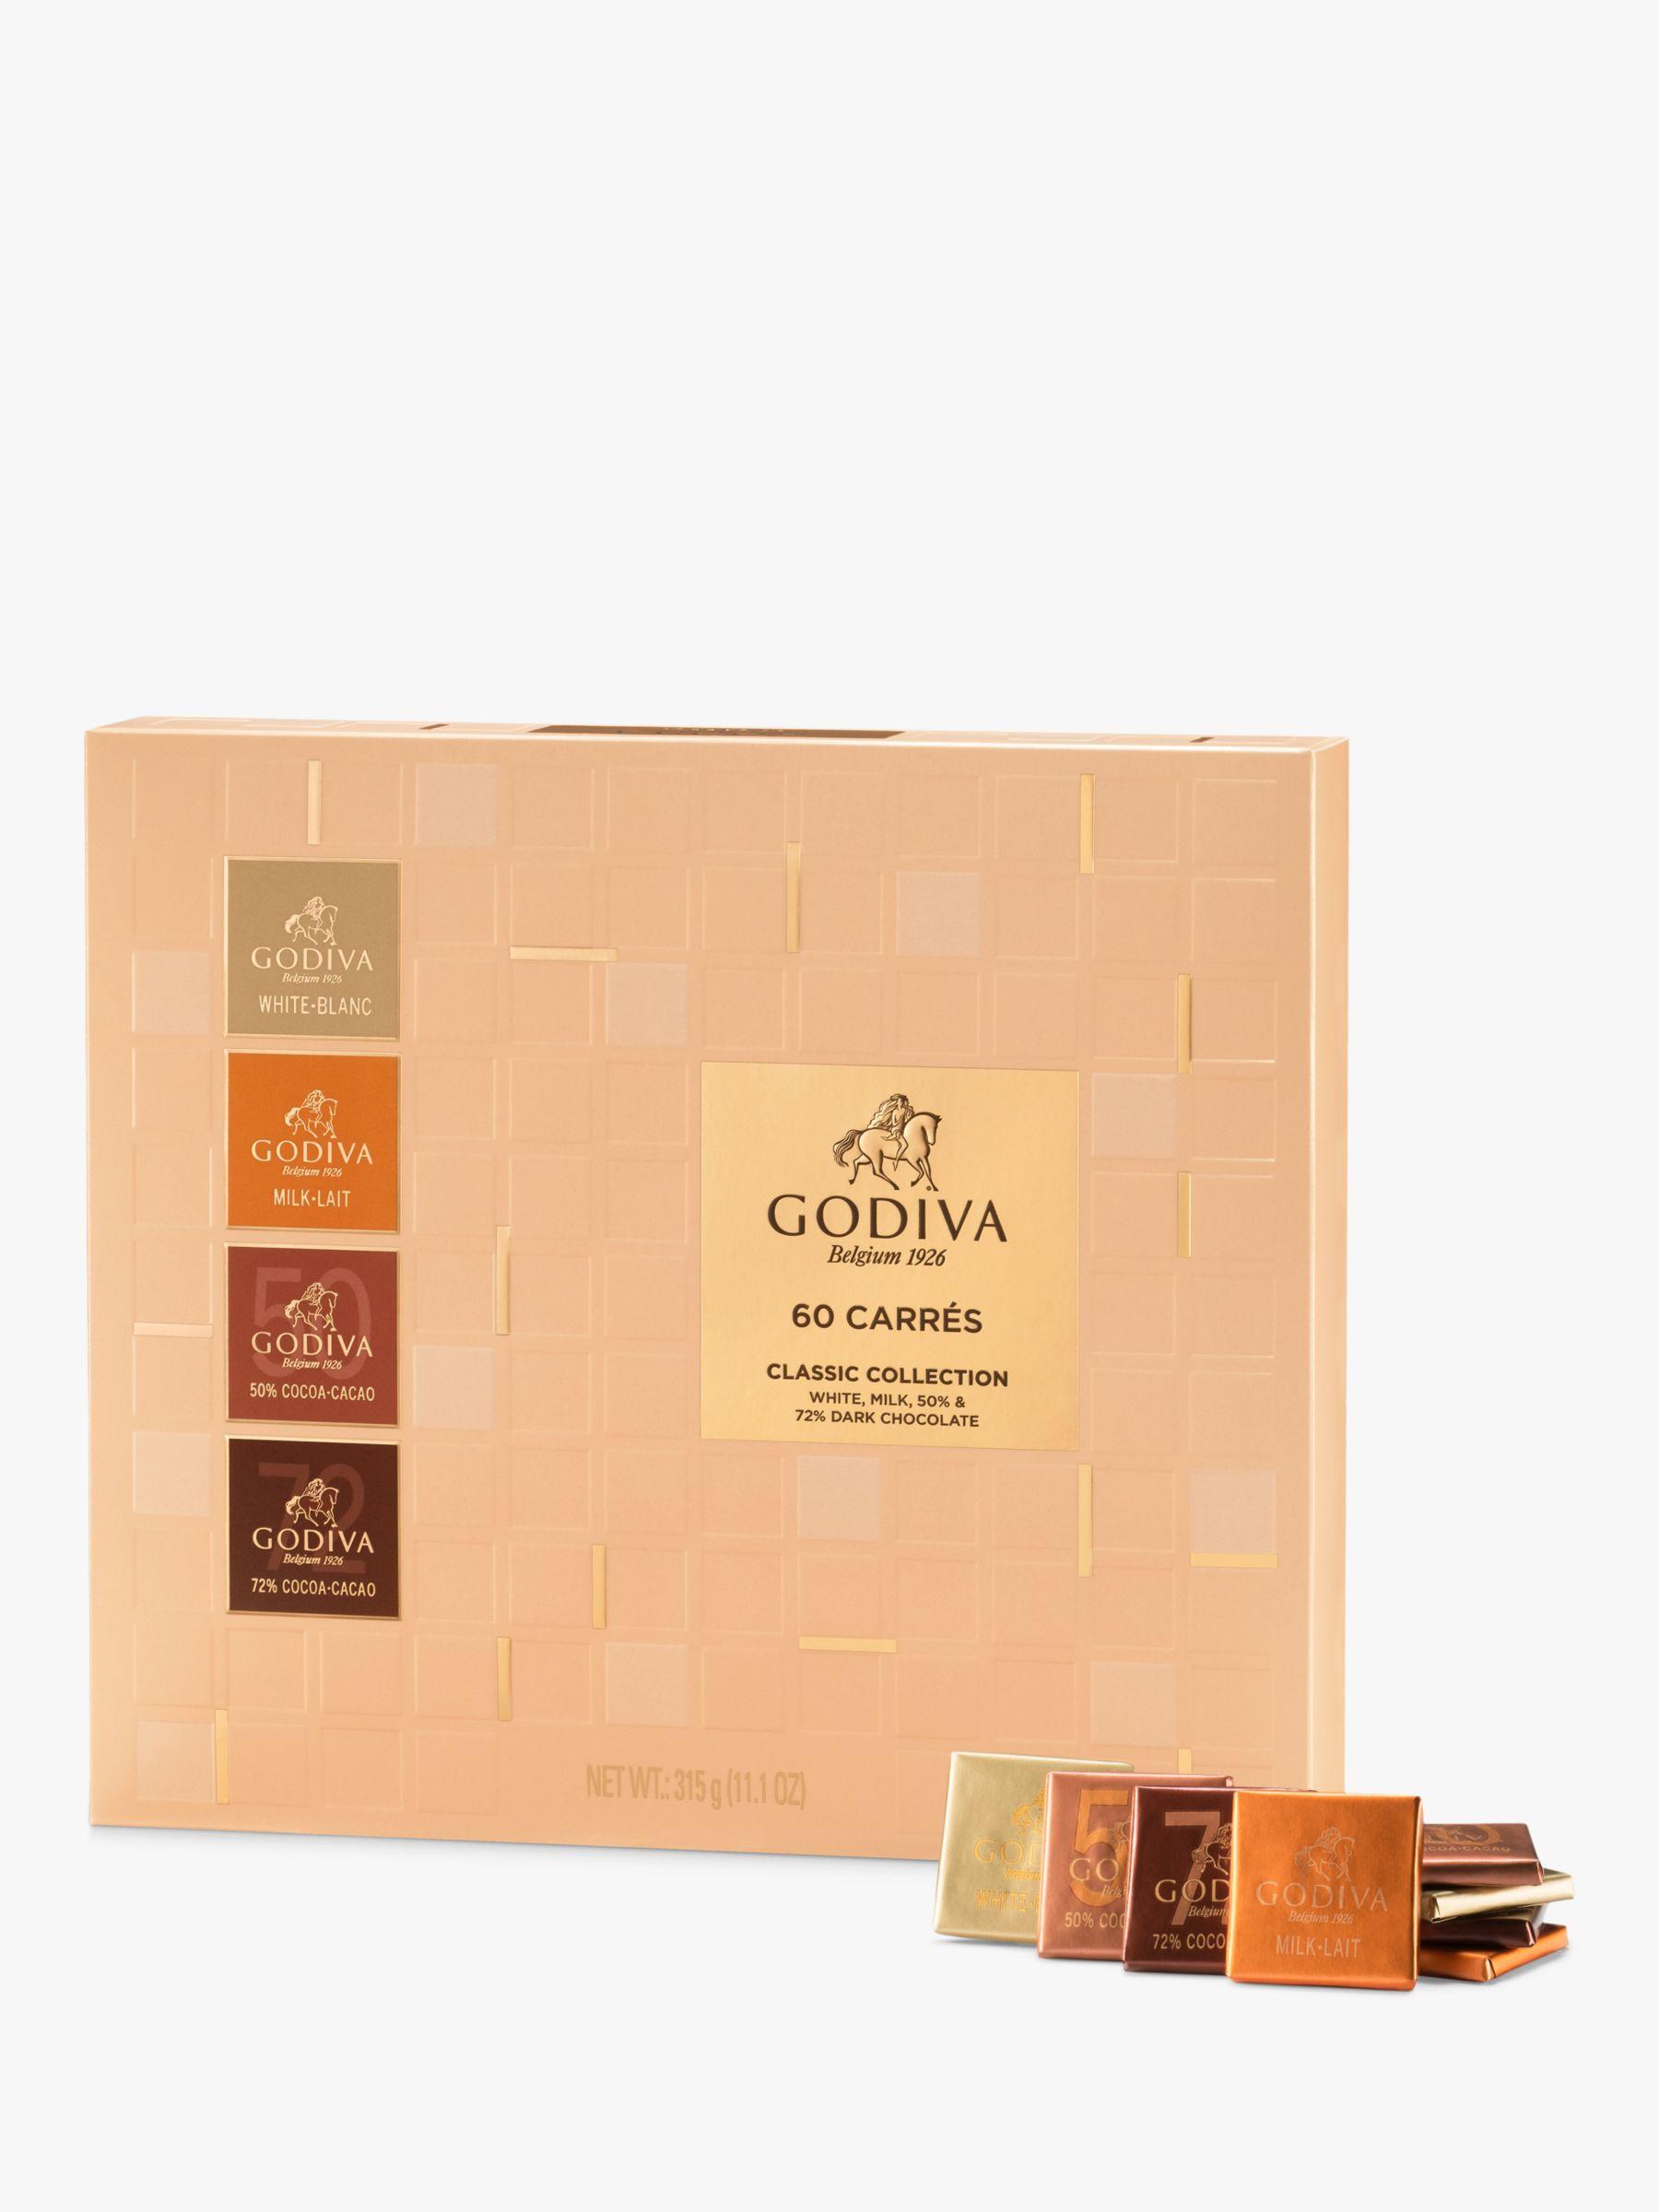 Godiva Godiva Full Range Carrés, Box of 60, 315g